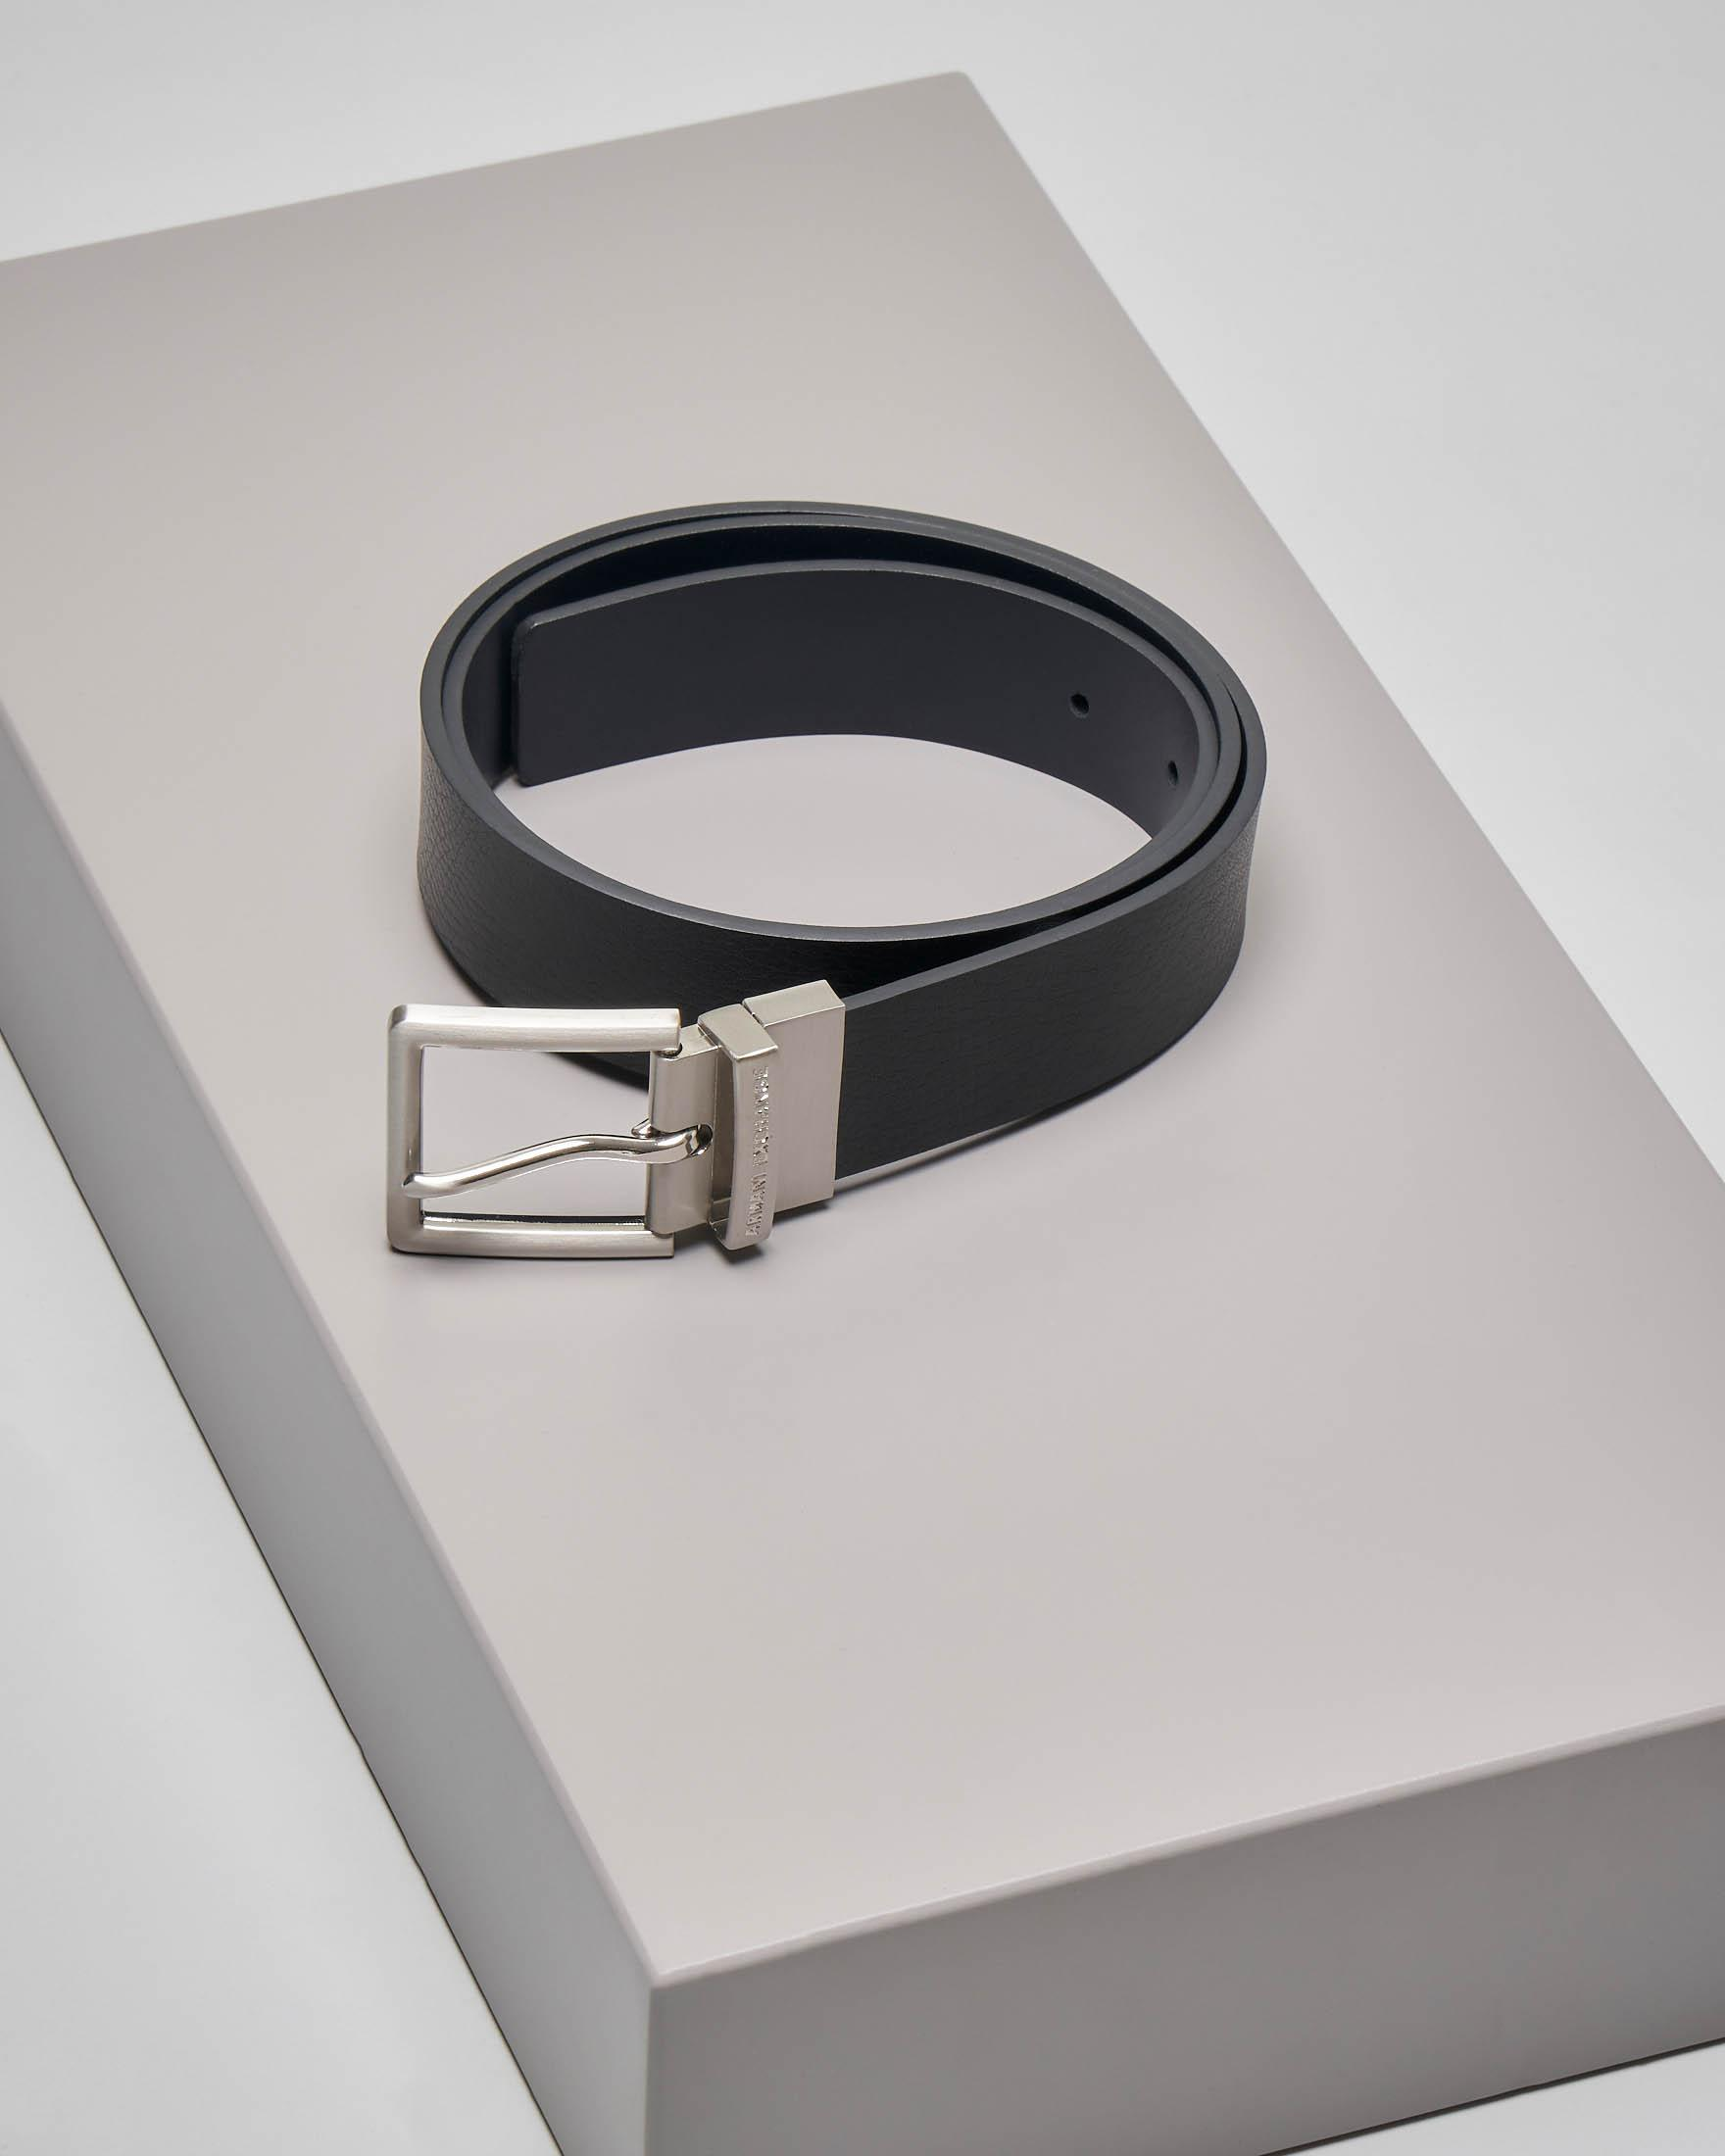 Cintura nera in pelle martellata reversibile in blu